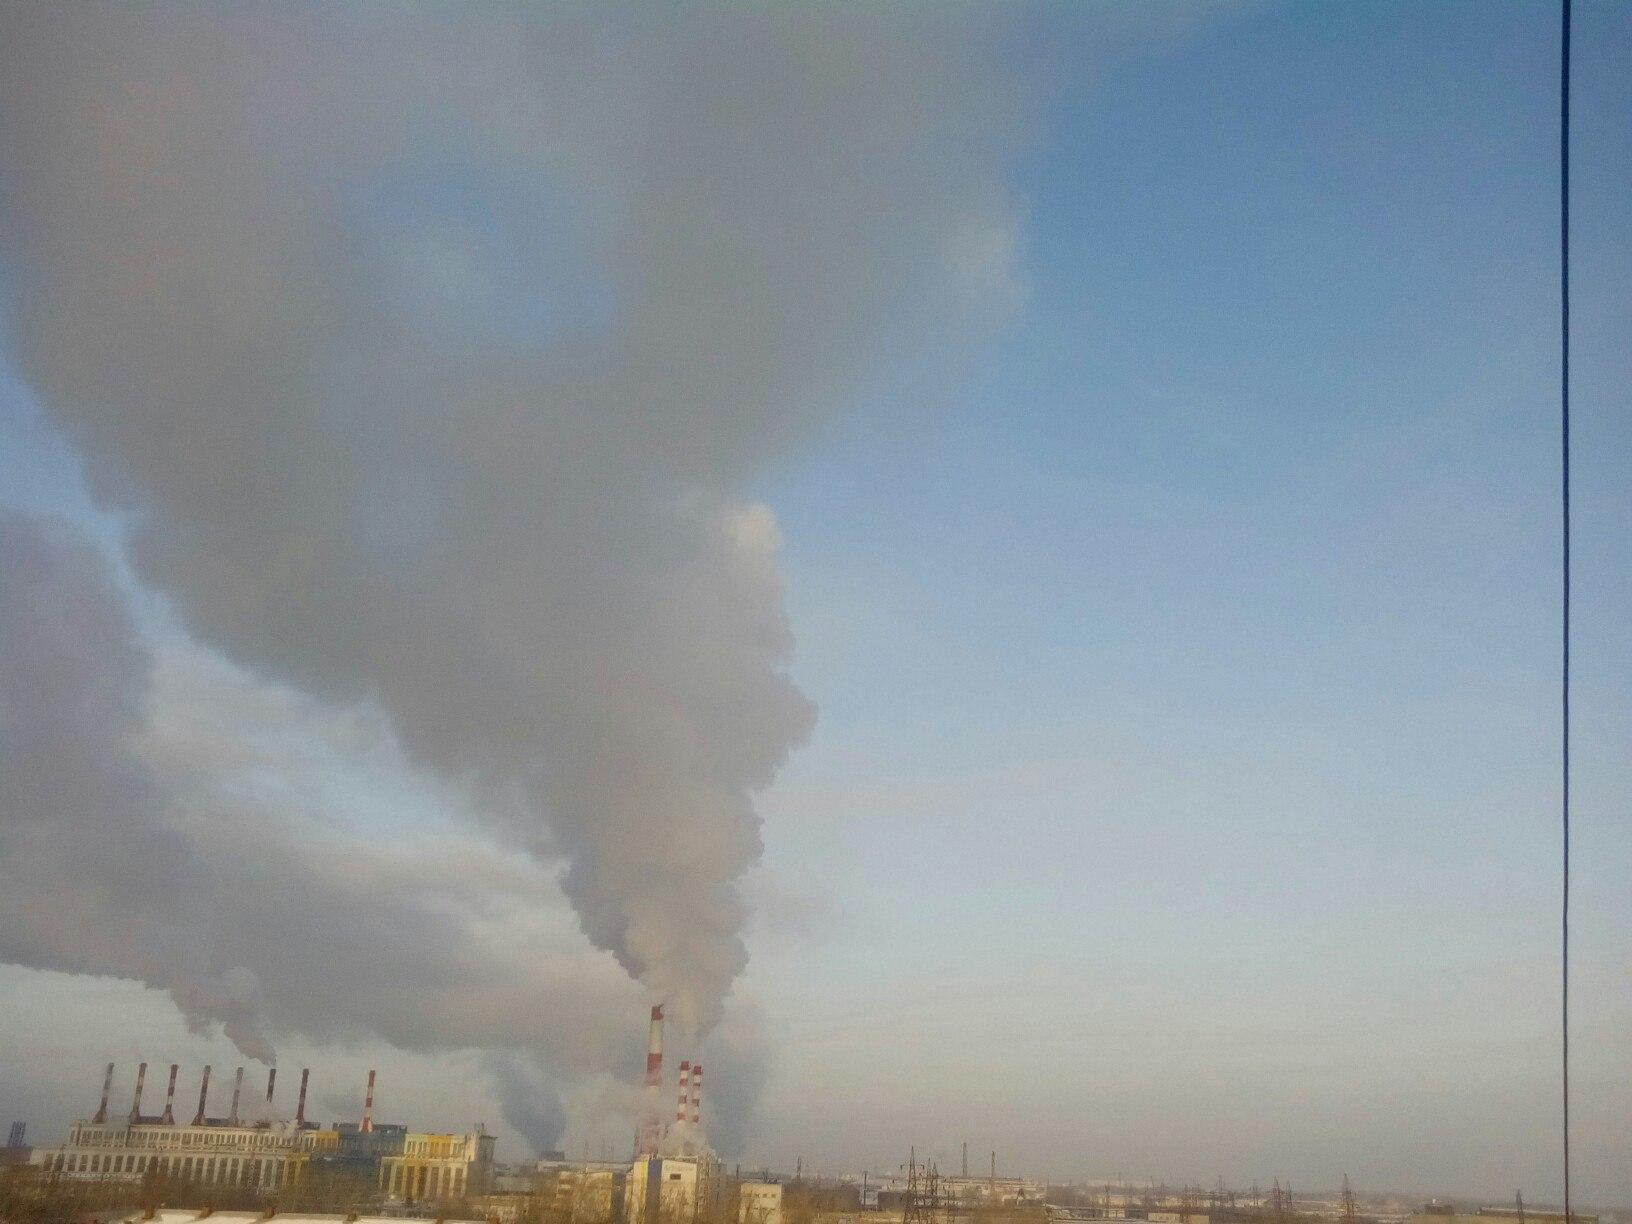 Соответствующее поручение дал министр природных ресурсов и экологии РФ Сергей Донской по итогам в